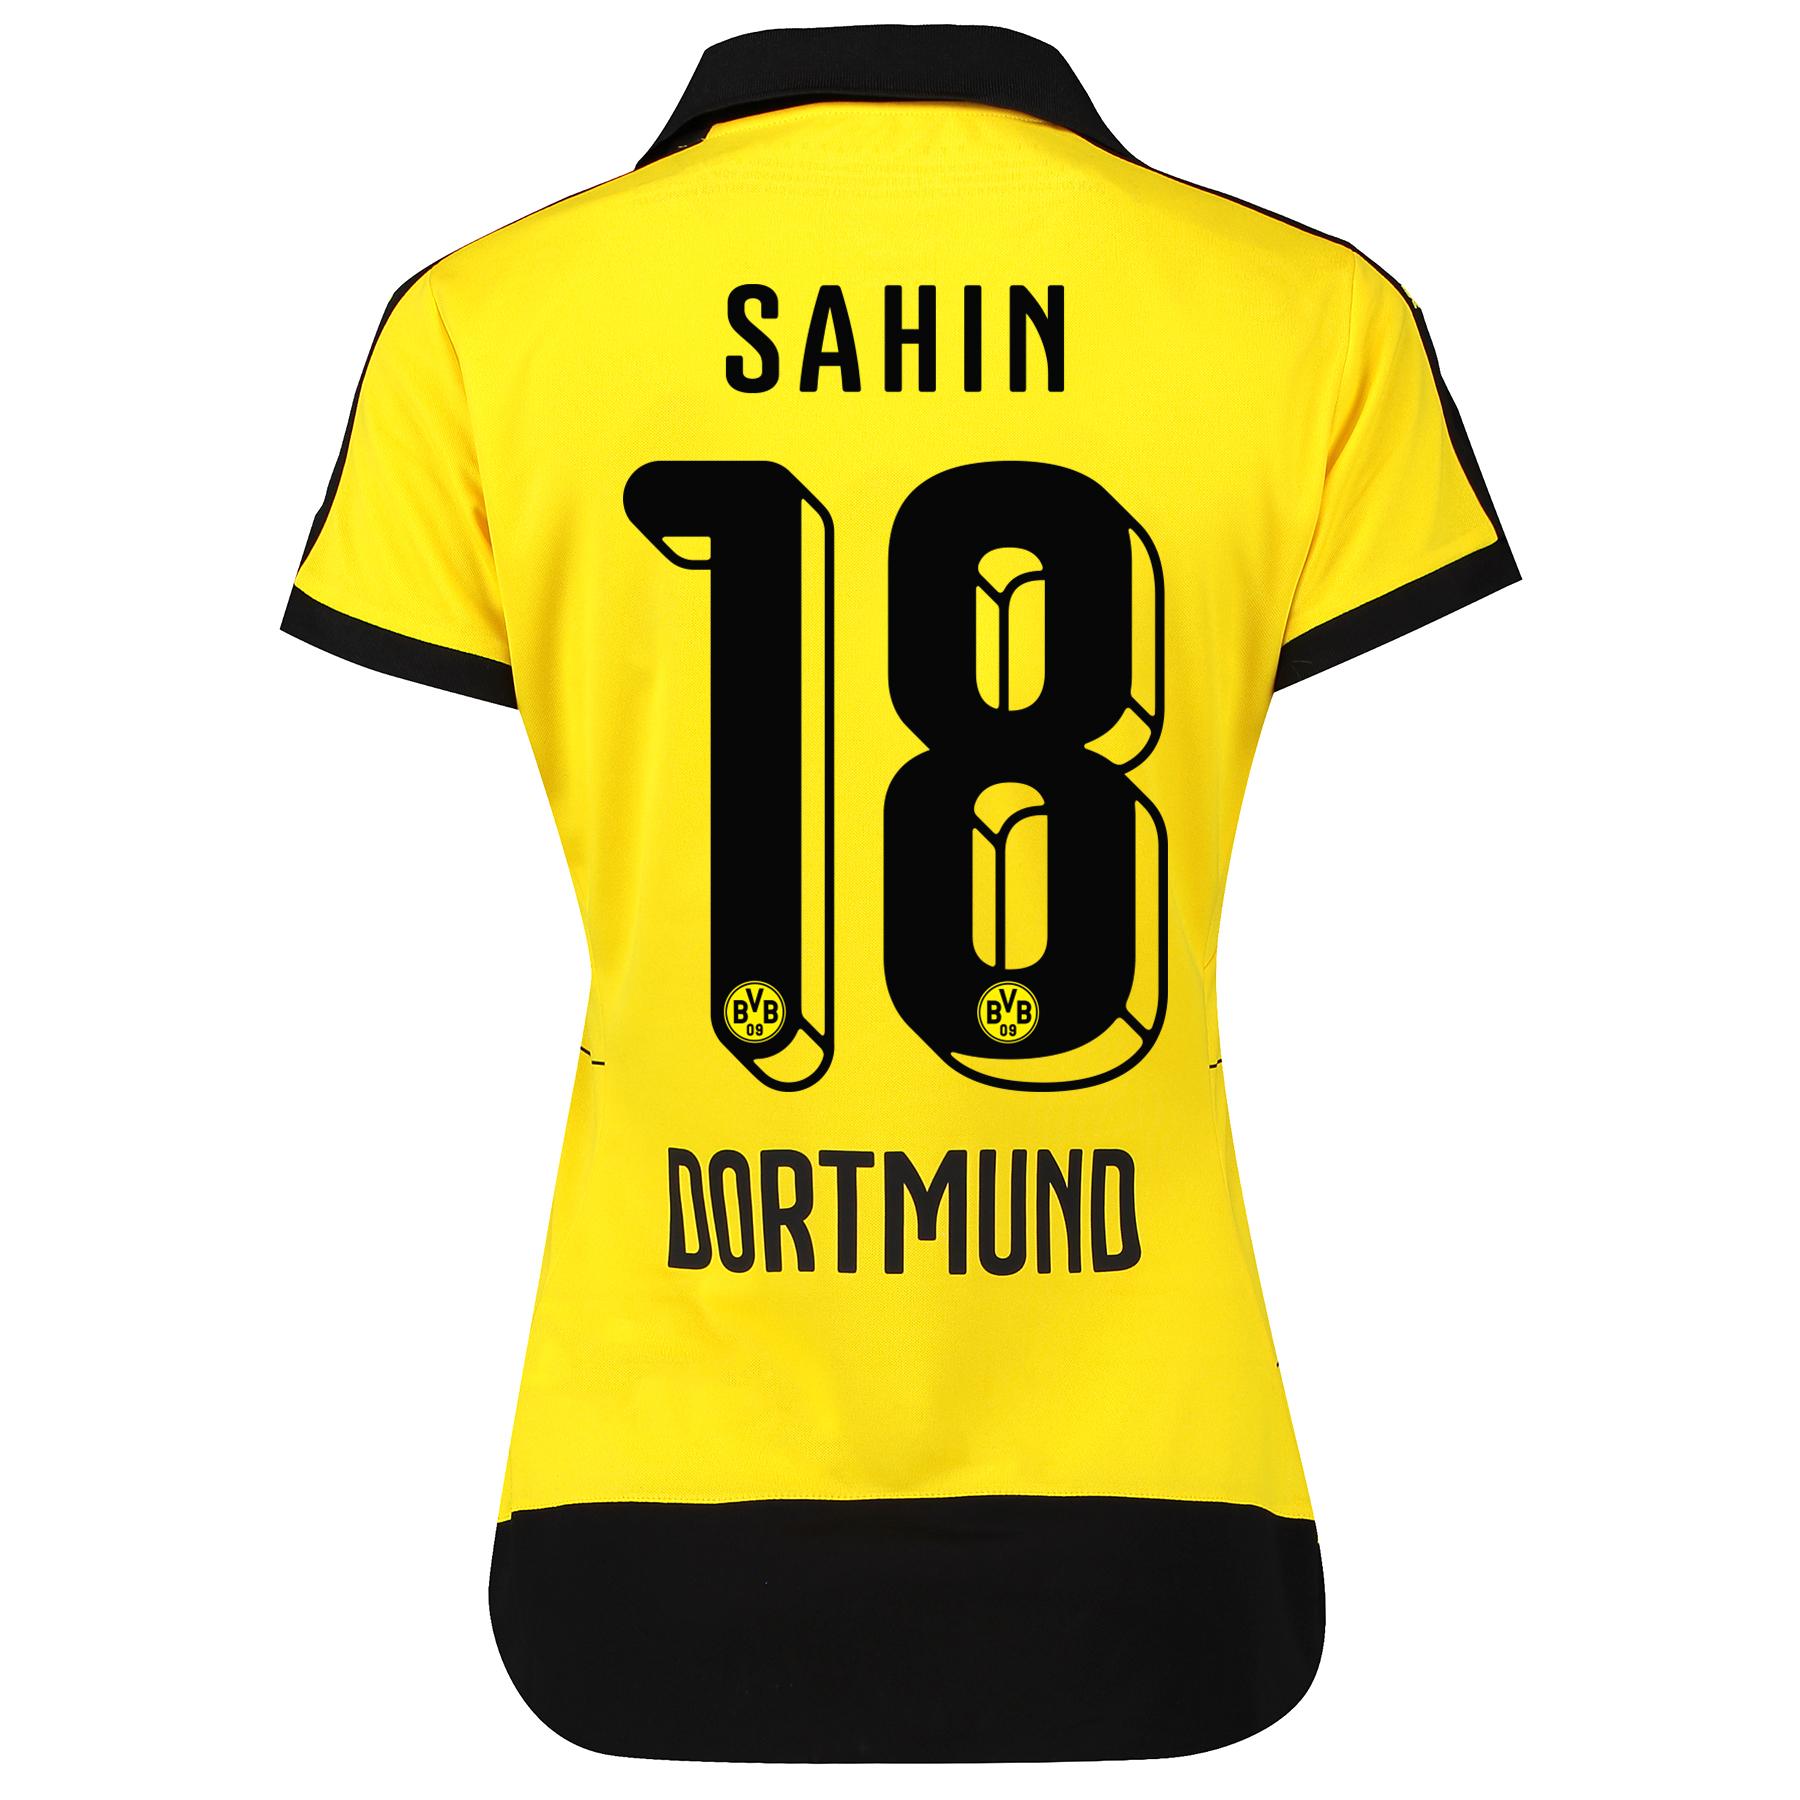 BVB Home Shirt 2015/16 – Womens with Sponsor Yellow with Sahin 18 prin